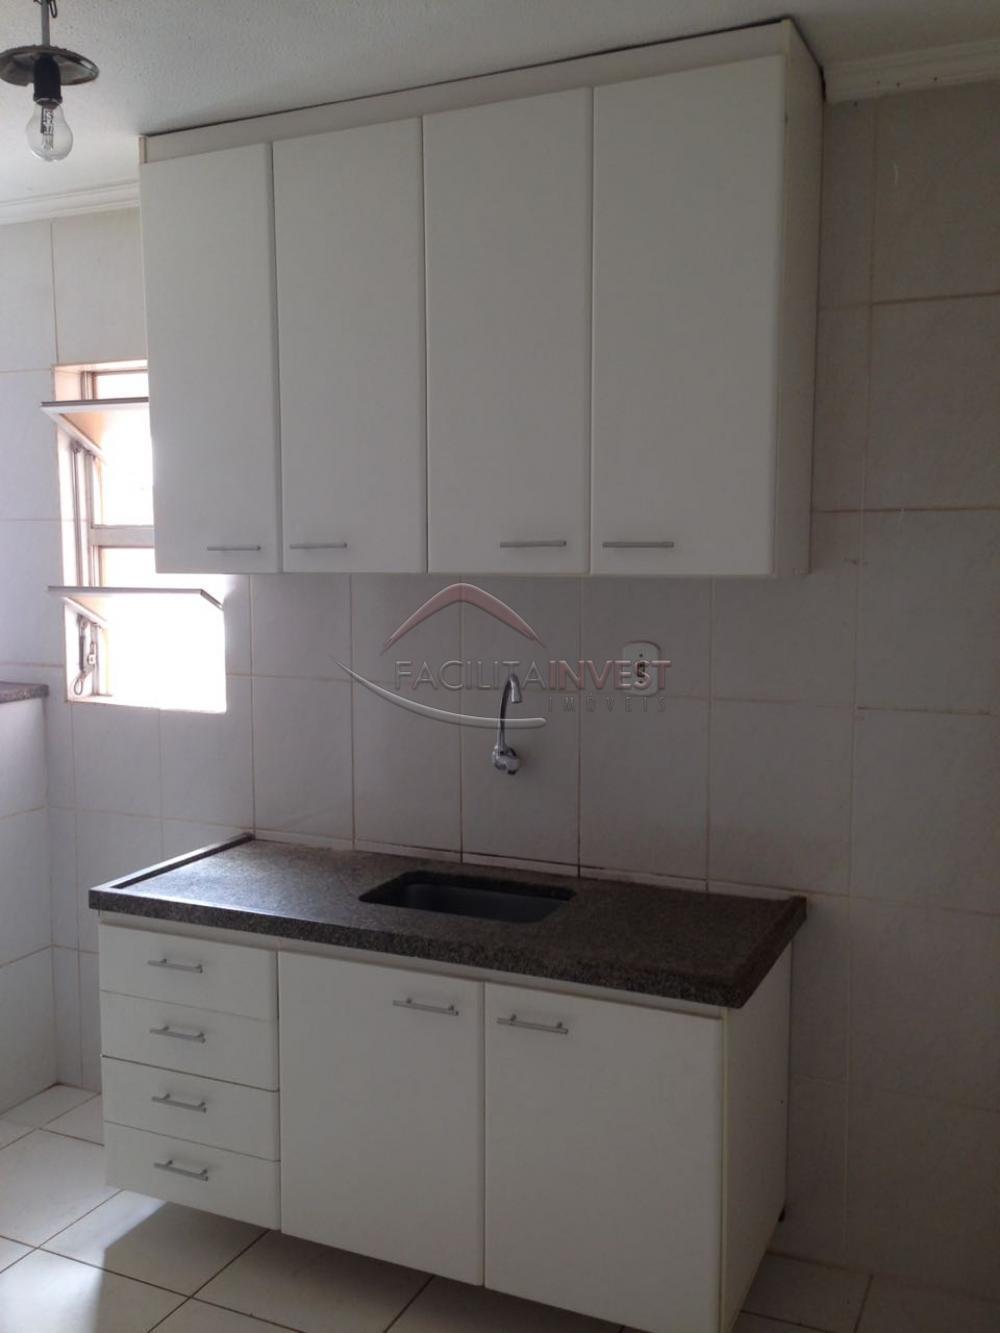 Comprar Apartamentos / Apart. Padrão em Ribeirão Preto apenas R$ 240.000,00 - Foto 8